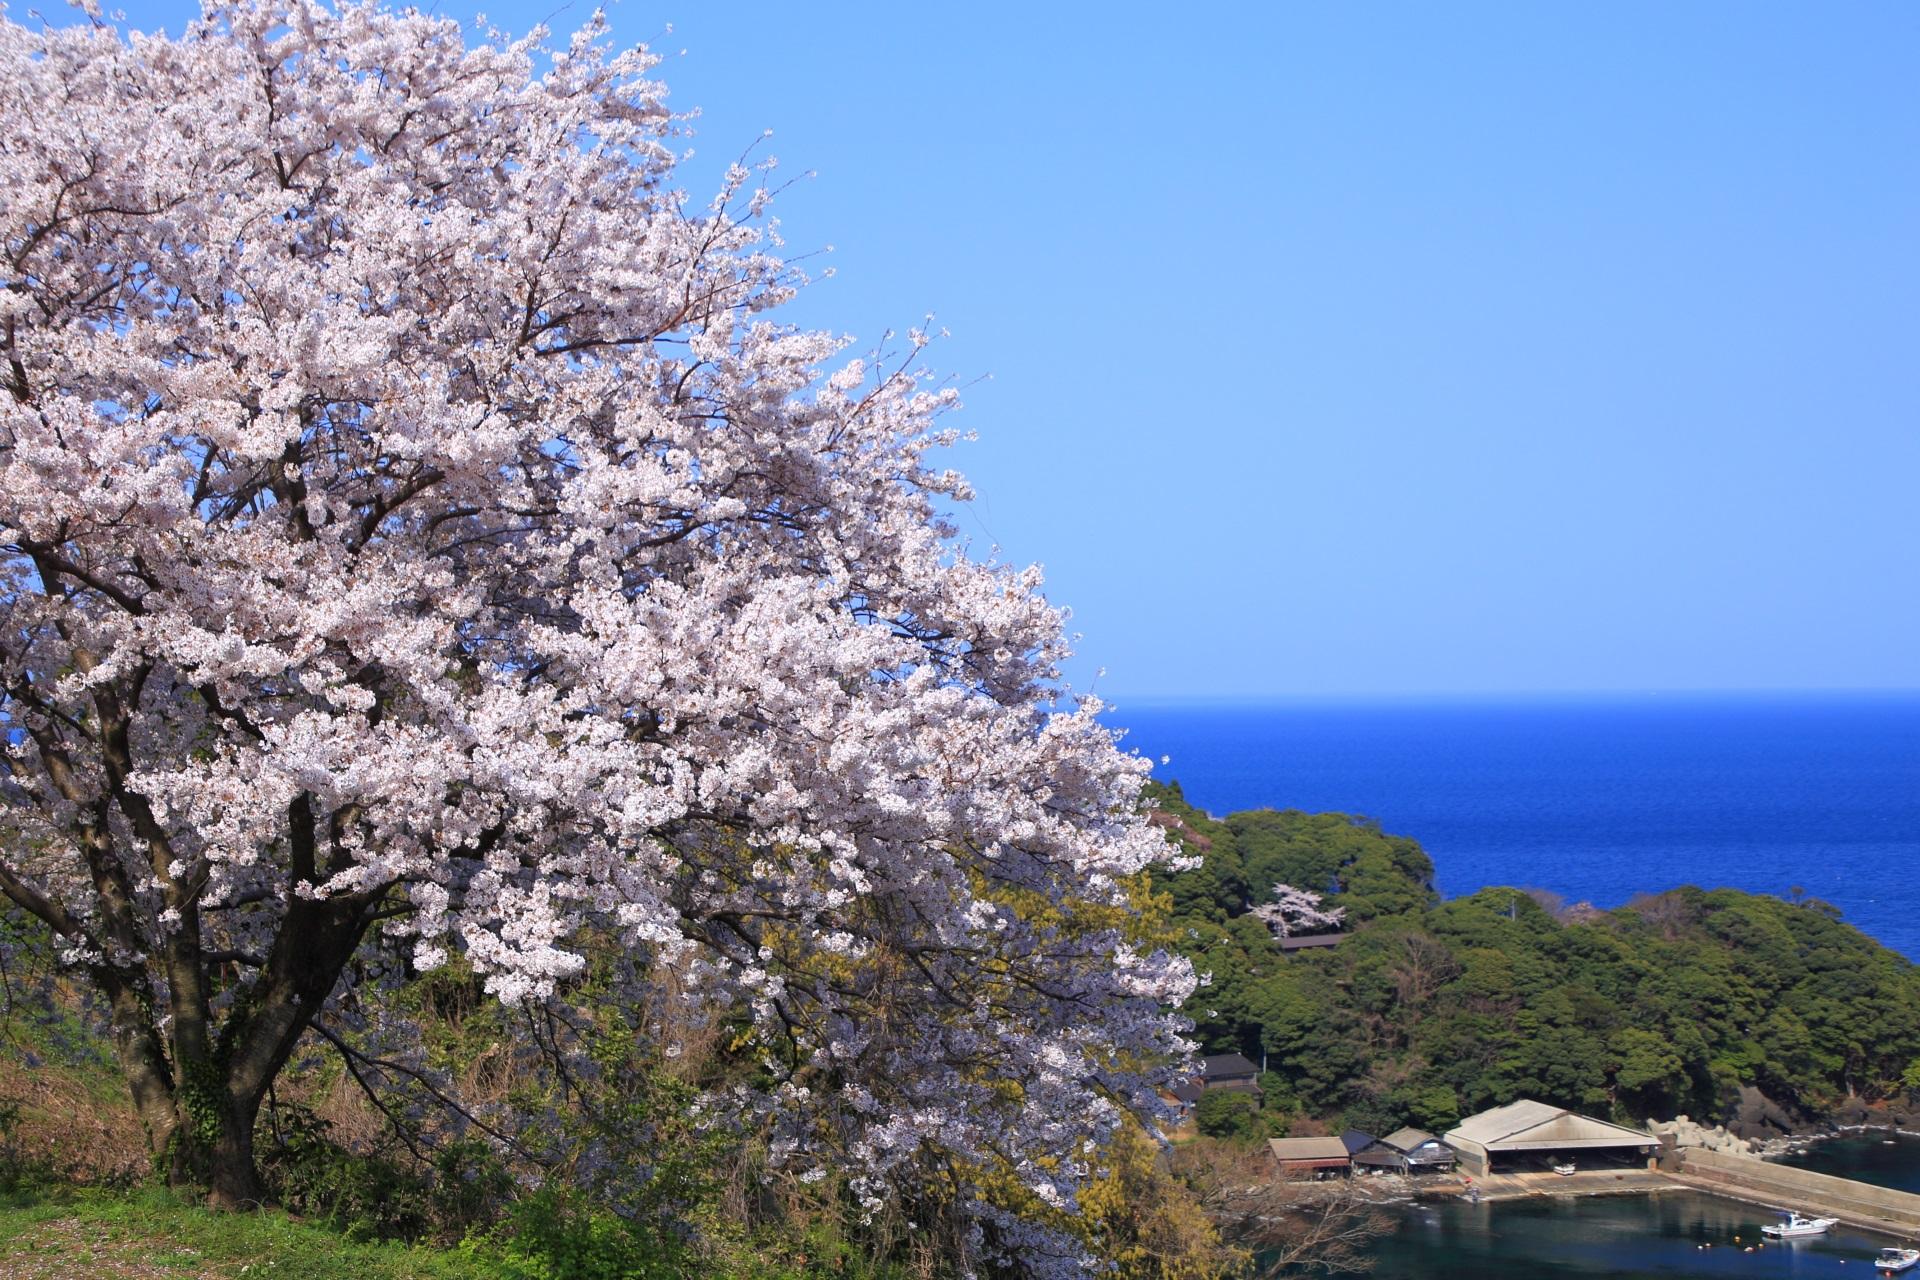 新井の情緒ある漁港とコバルトブルーの海を染める桜